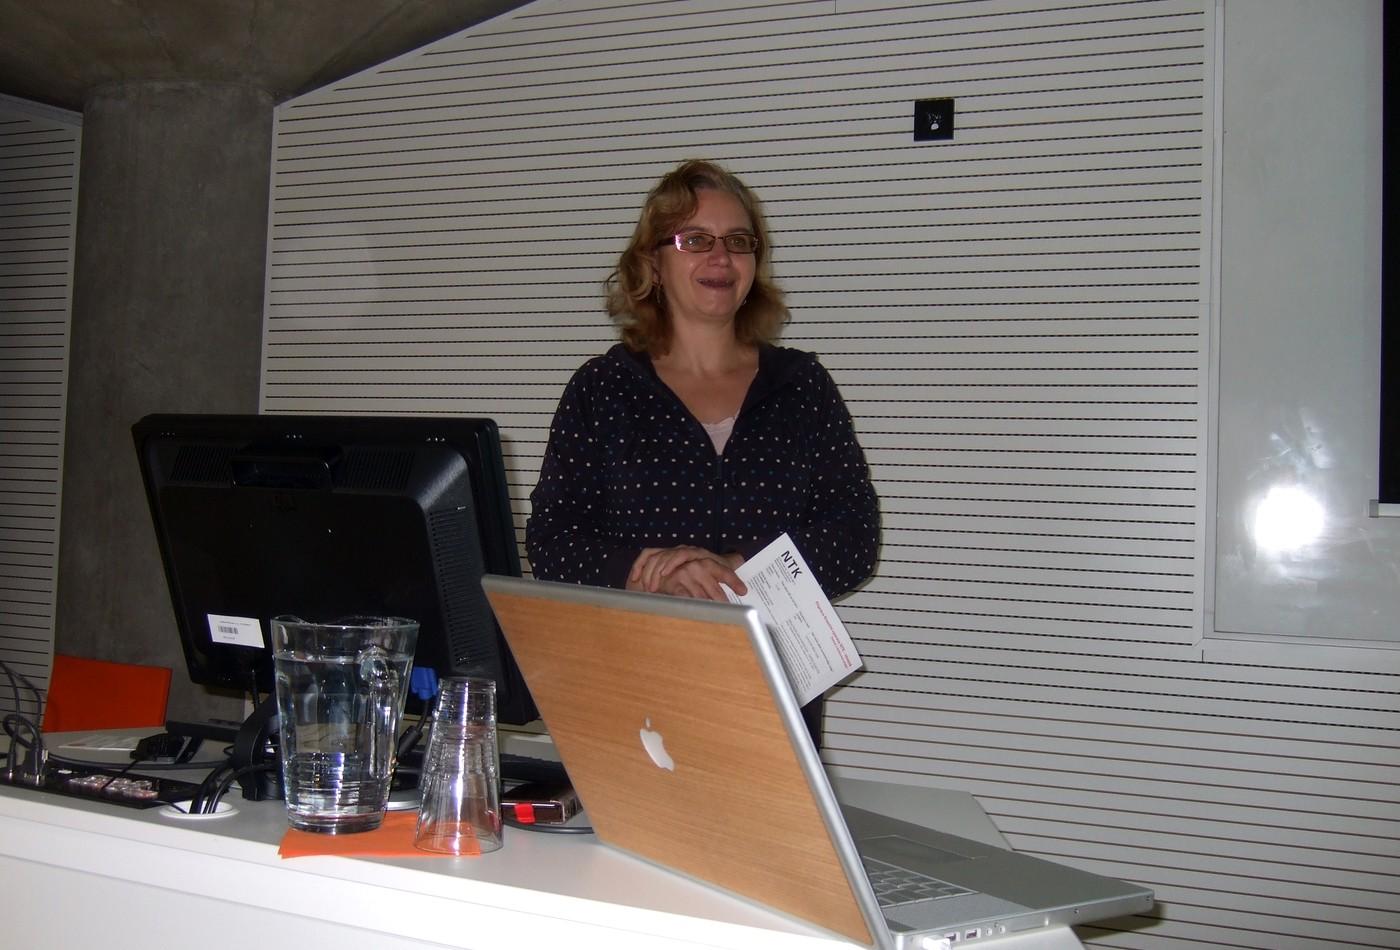 Radka Římanová vítá účastníky semináře a hovoří o plánech NTK